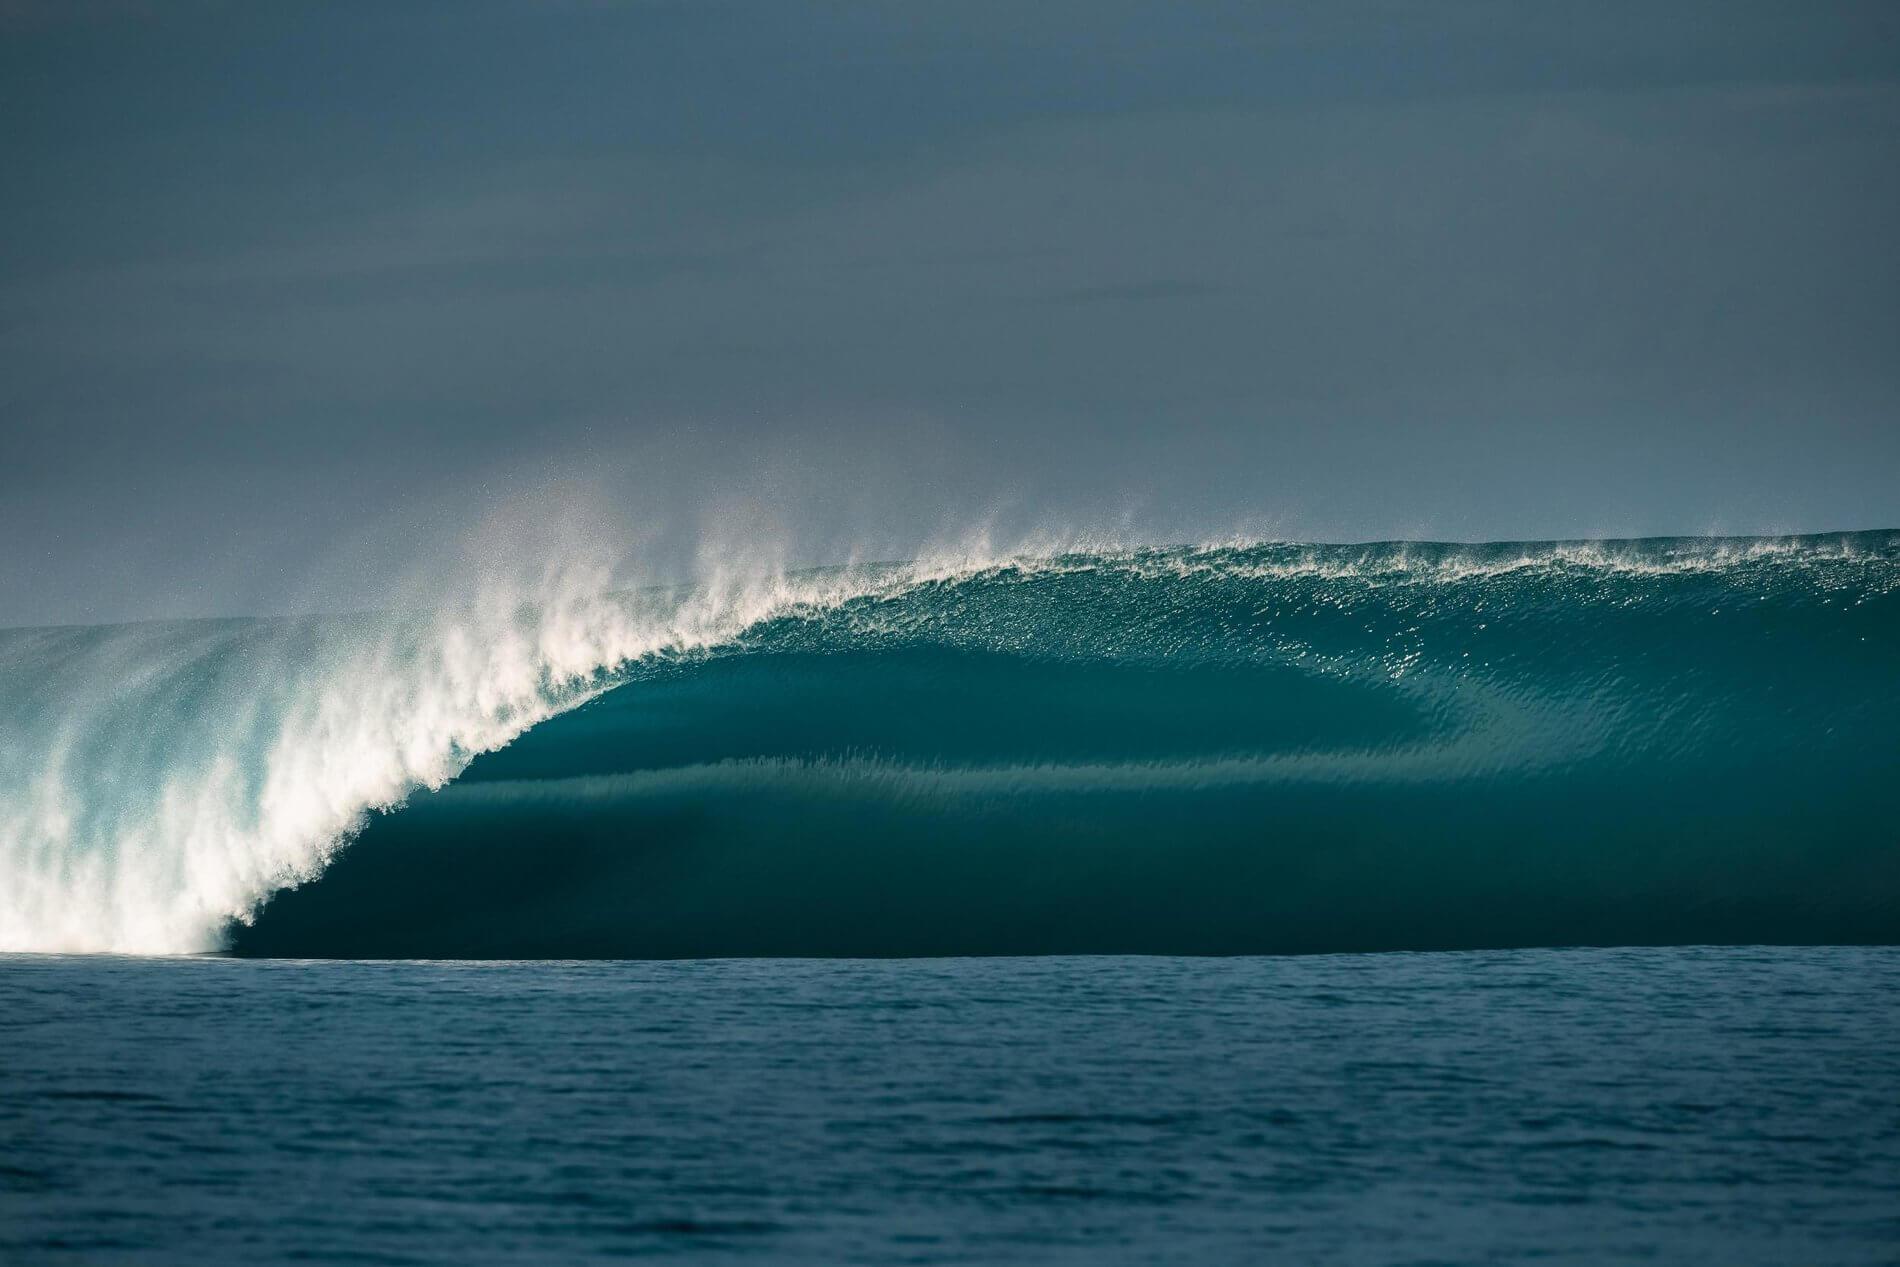 TEAHUPOO LA OLA MÁS PODEROSA EN EL MUNDO DEL SURF